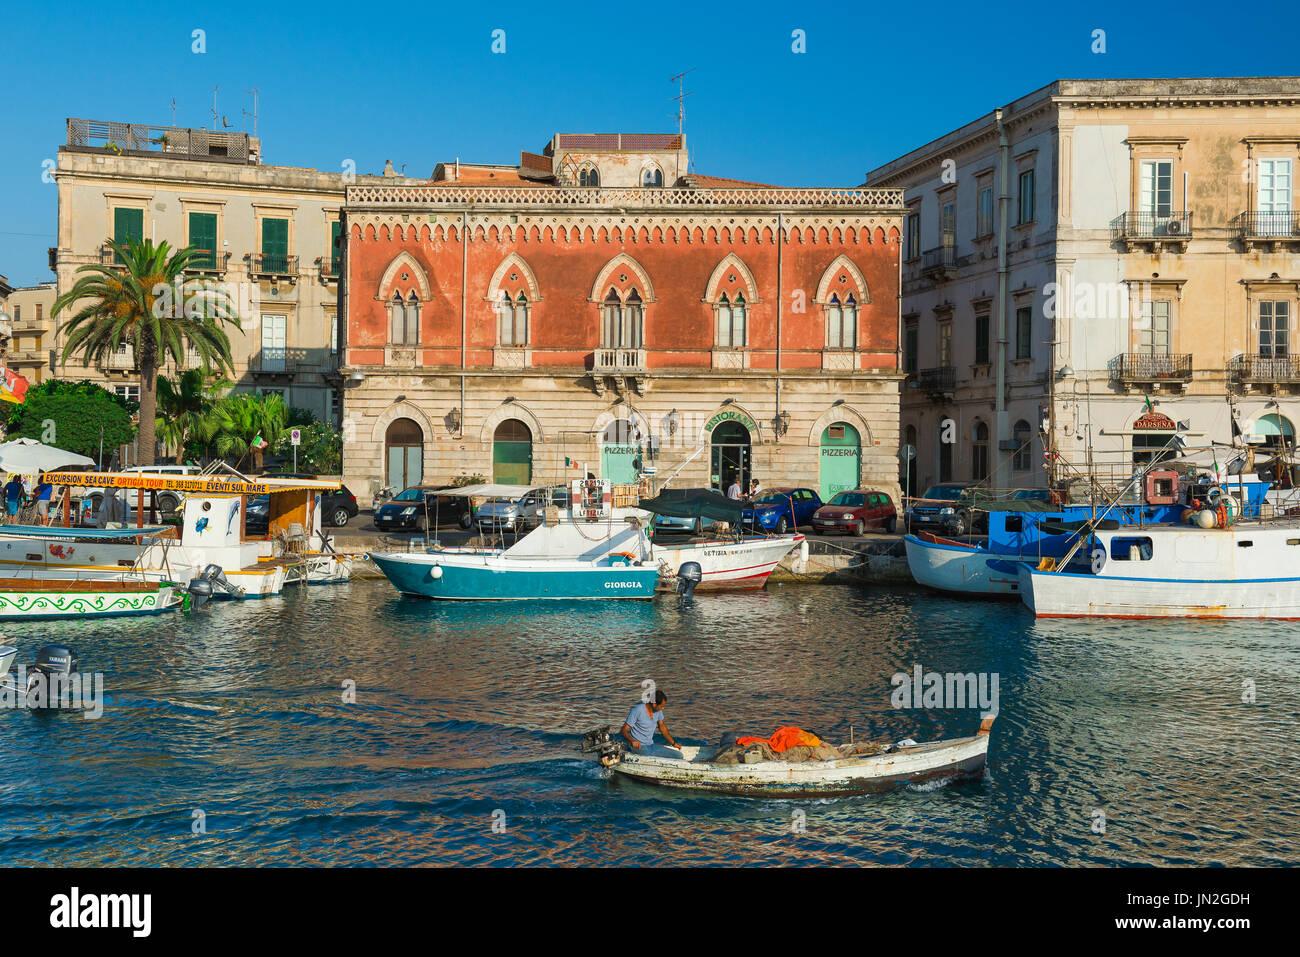 Sicile bateau de pêche, un pêcheur oriente son esquif le long de la Darsena chenal séparant la ville de Syracuse à partir de l'île d'Ortigia, Sicile. Photo Stock